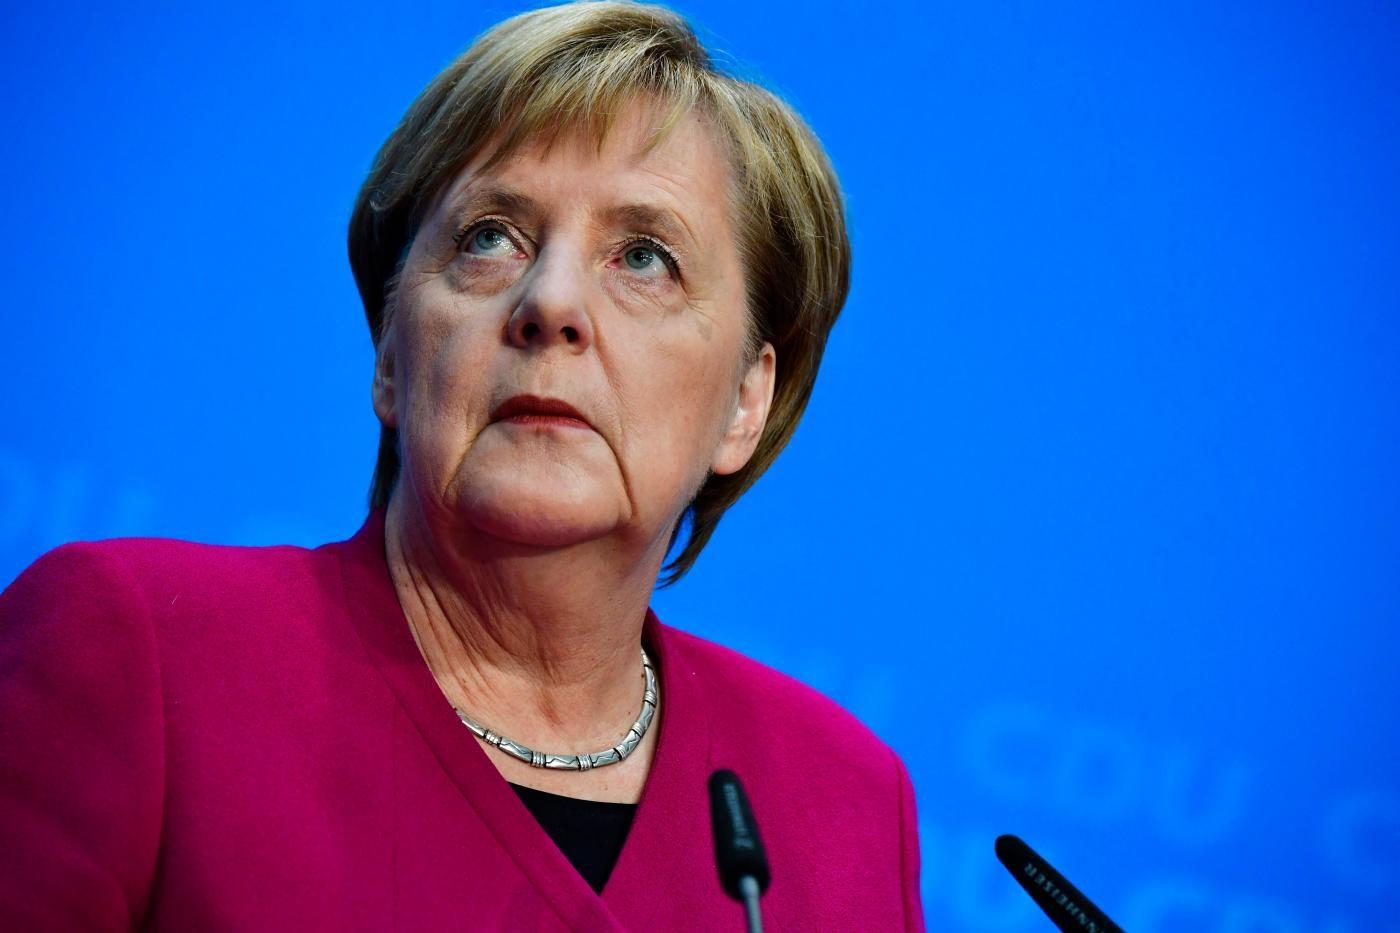 Merkel: parabola della cancelliera inossidabile al timone da 13 anni